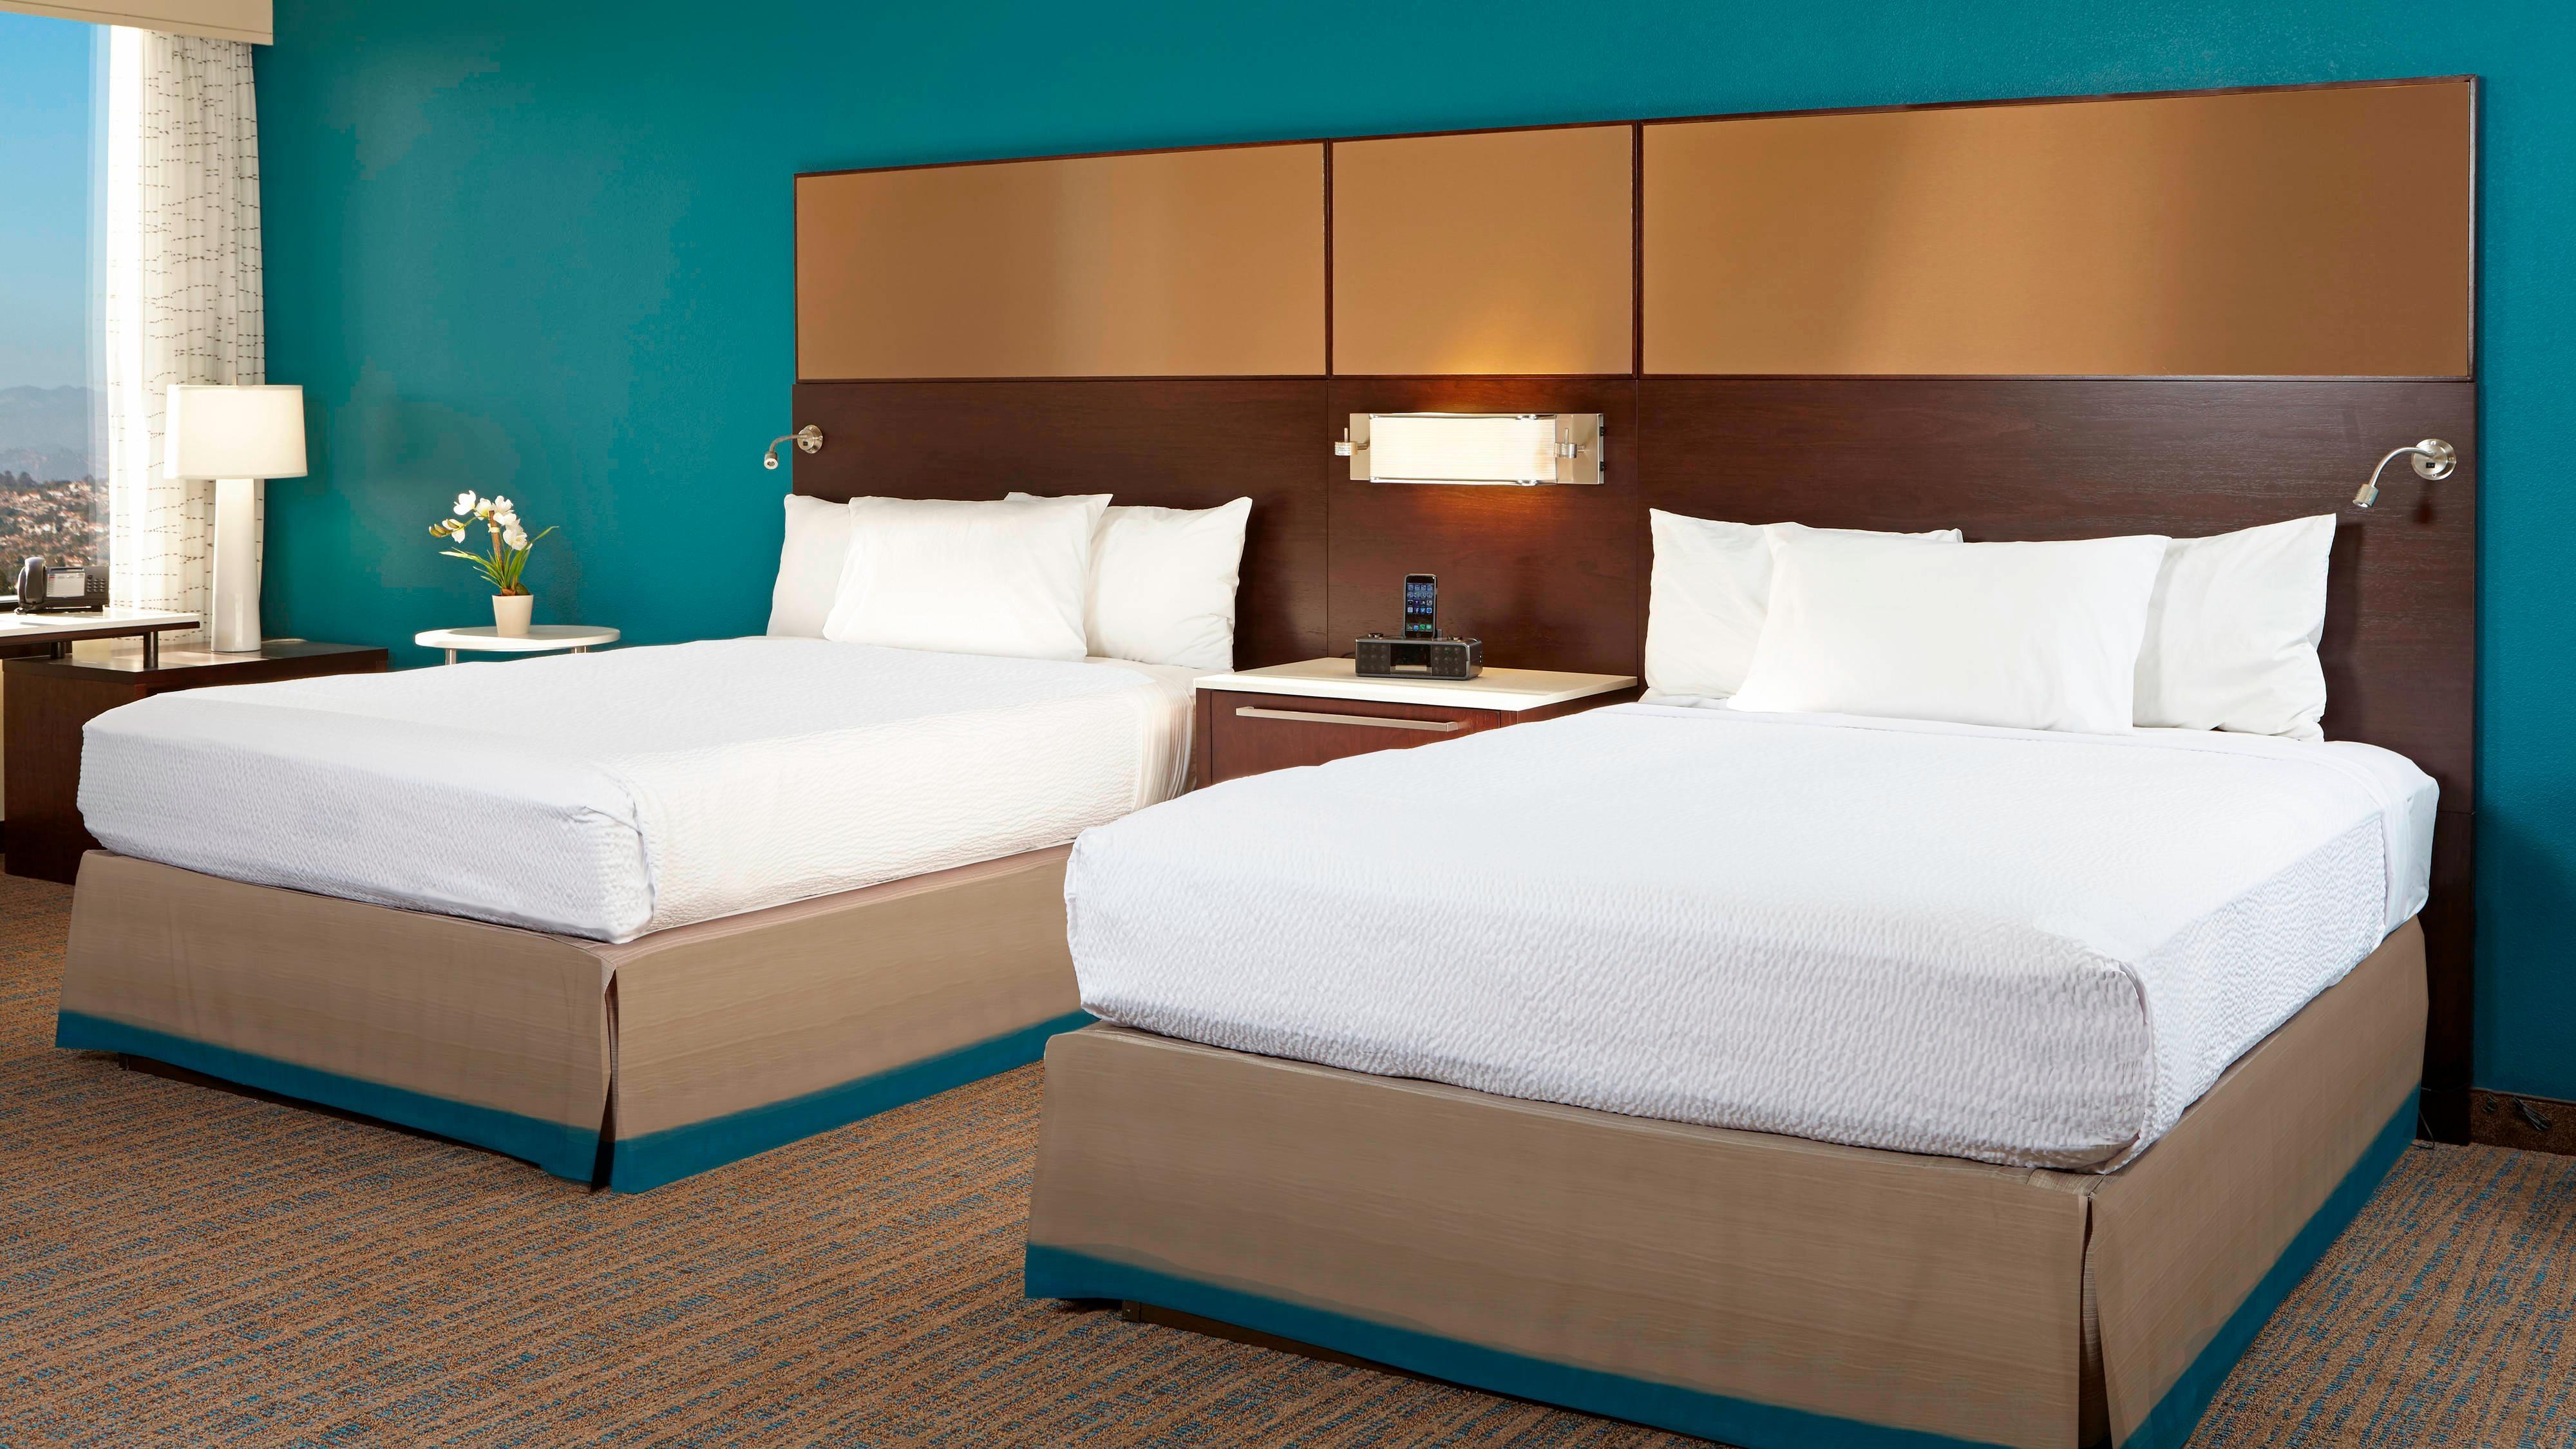 Schlafbereich der Studio Suite mit zwei Queensize-Betten